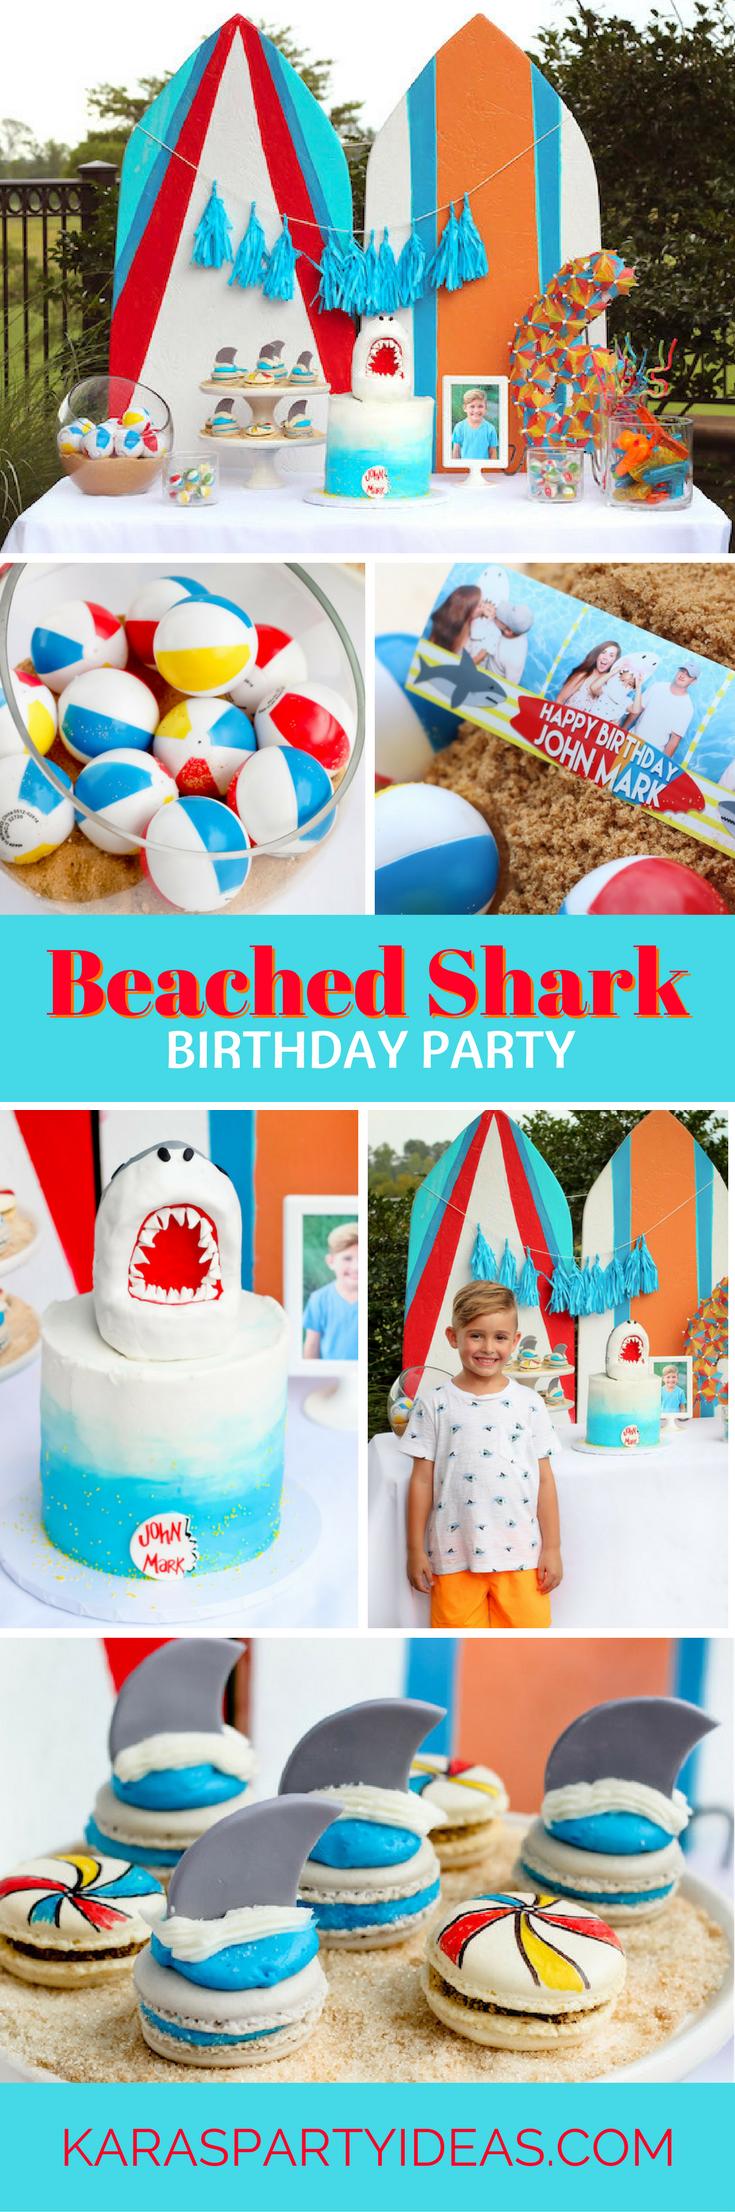 Beached Shark Birthday Party via Kara's Party Ideas